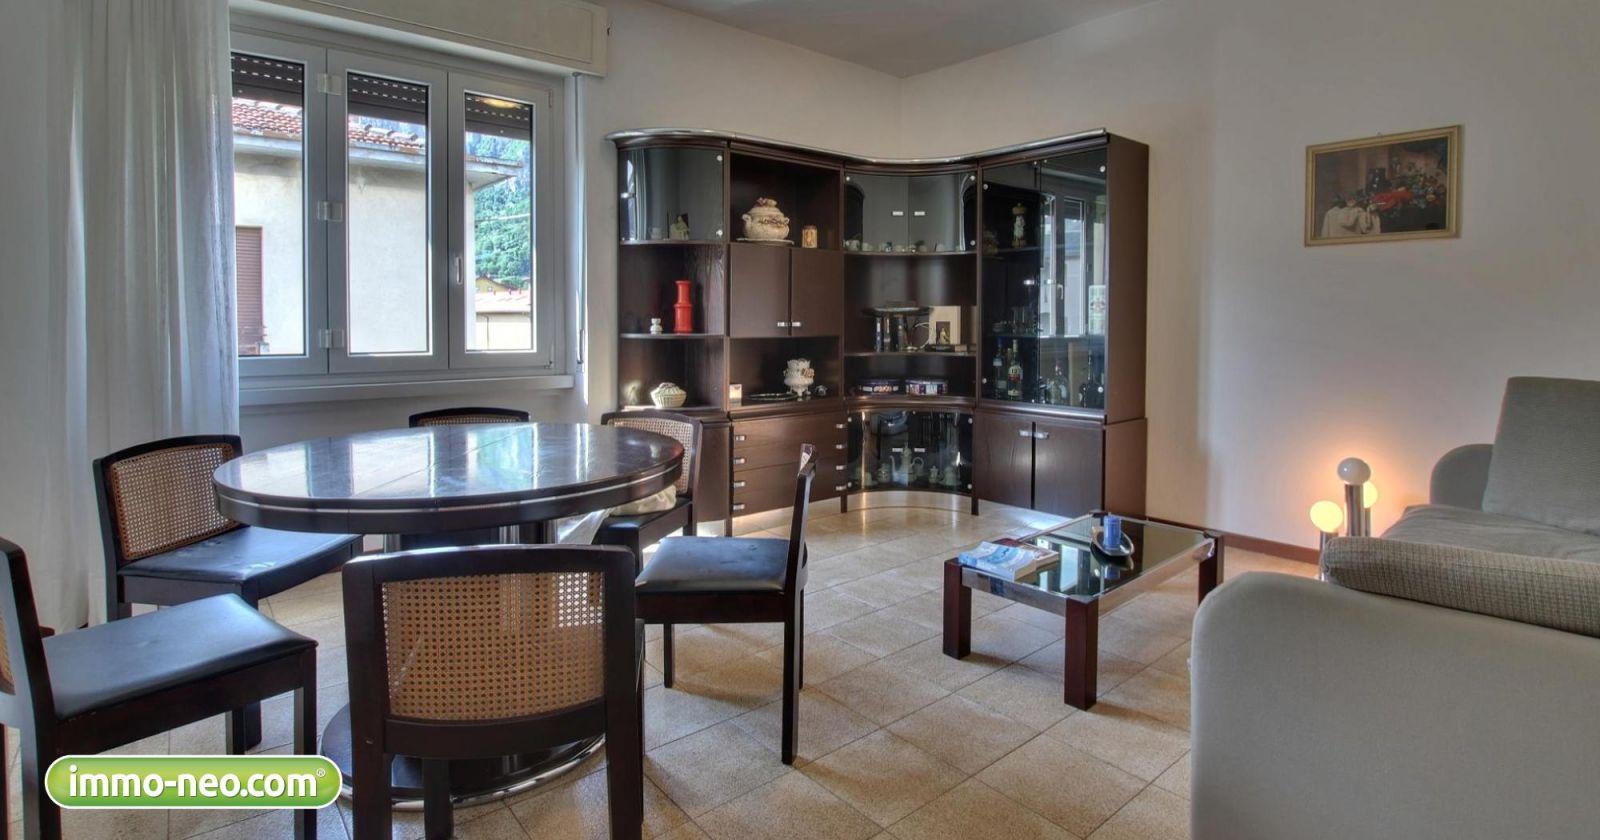 Anche a lecco un appartamento in vendita tra privati con for Case in vendita privati